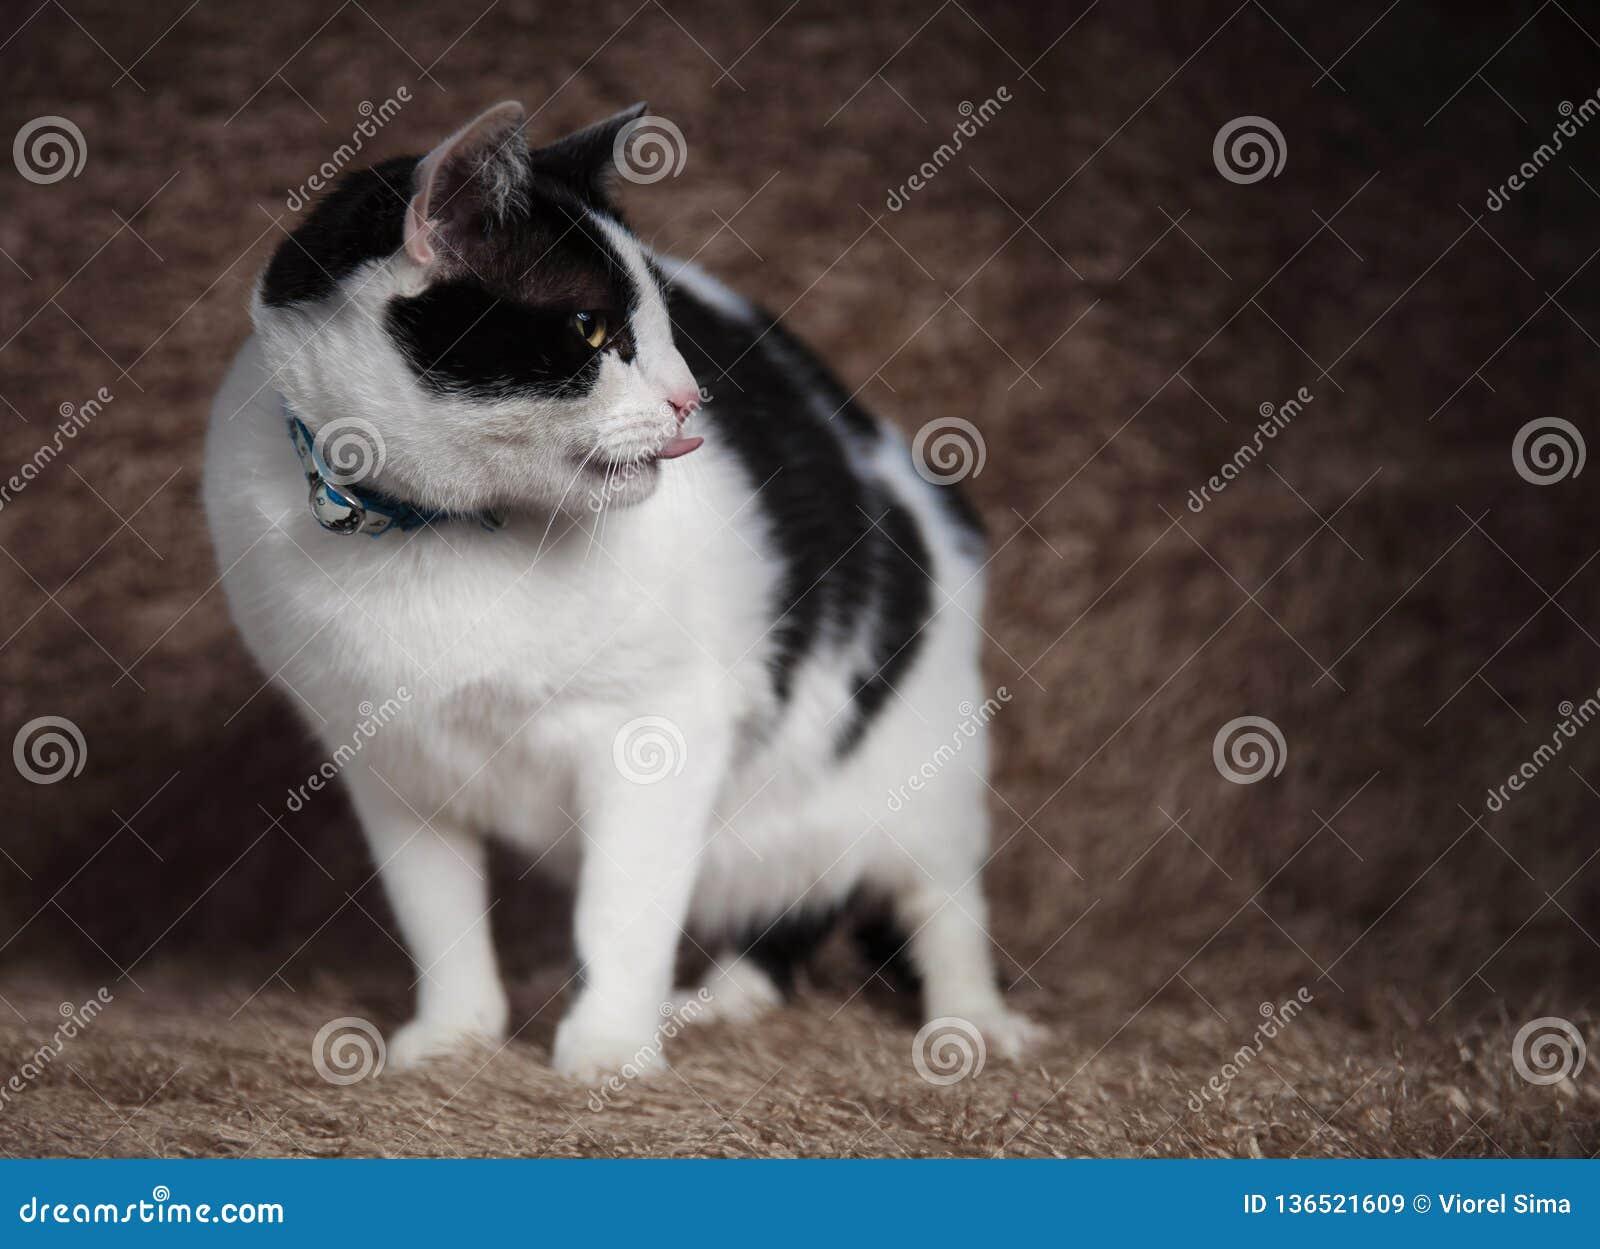 Förtjusande katt som bär blickar för blå krage för att sid, medan flämtande